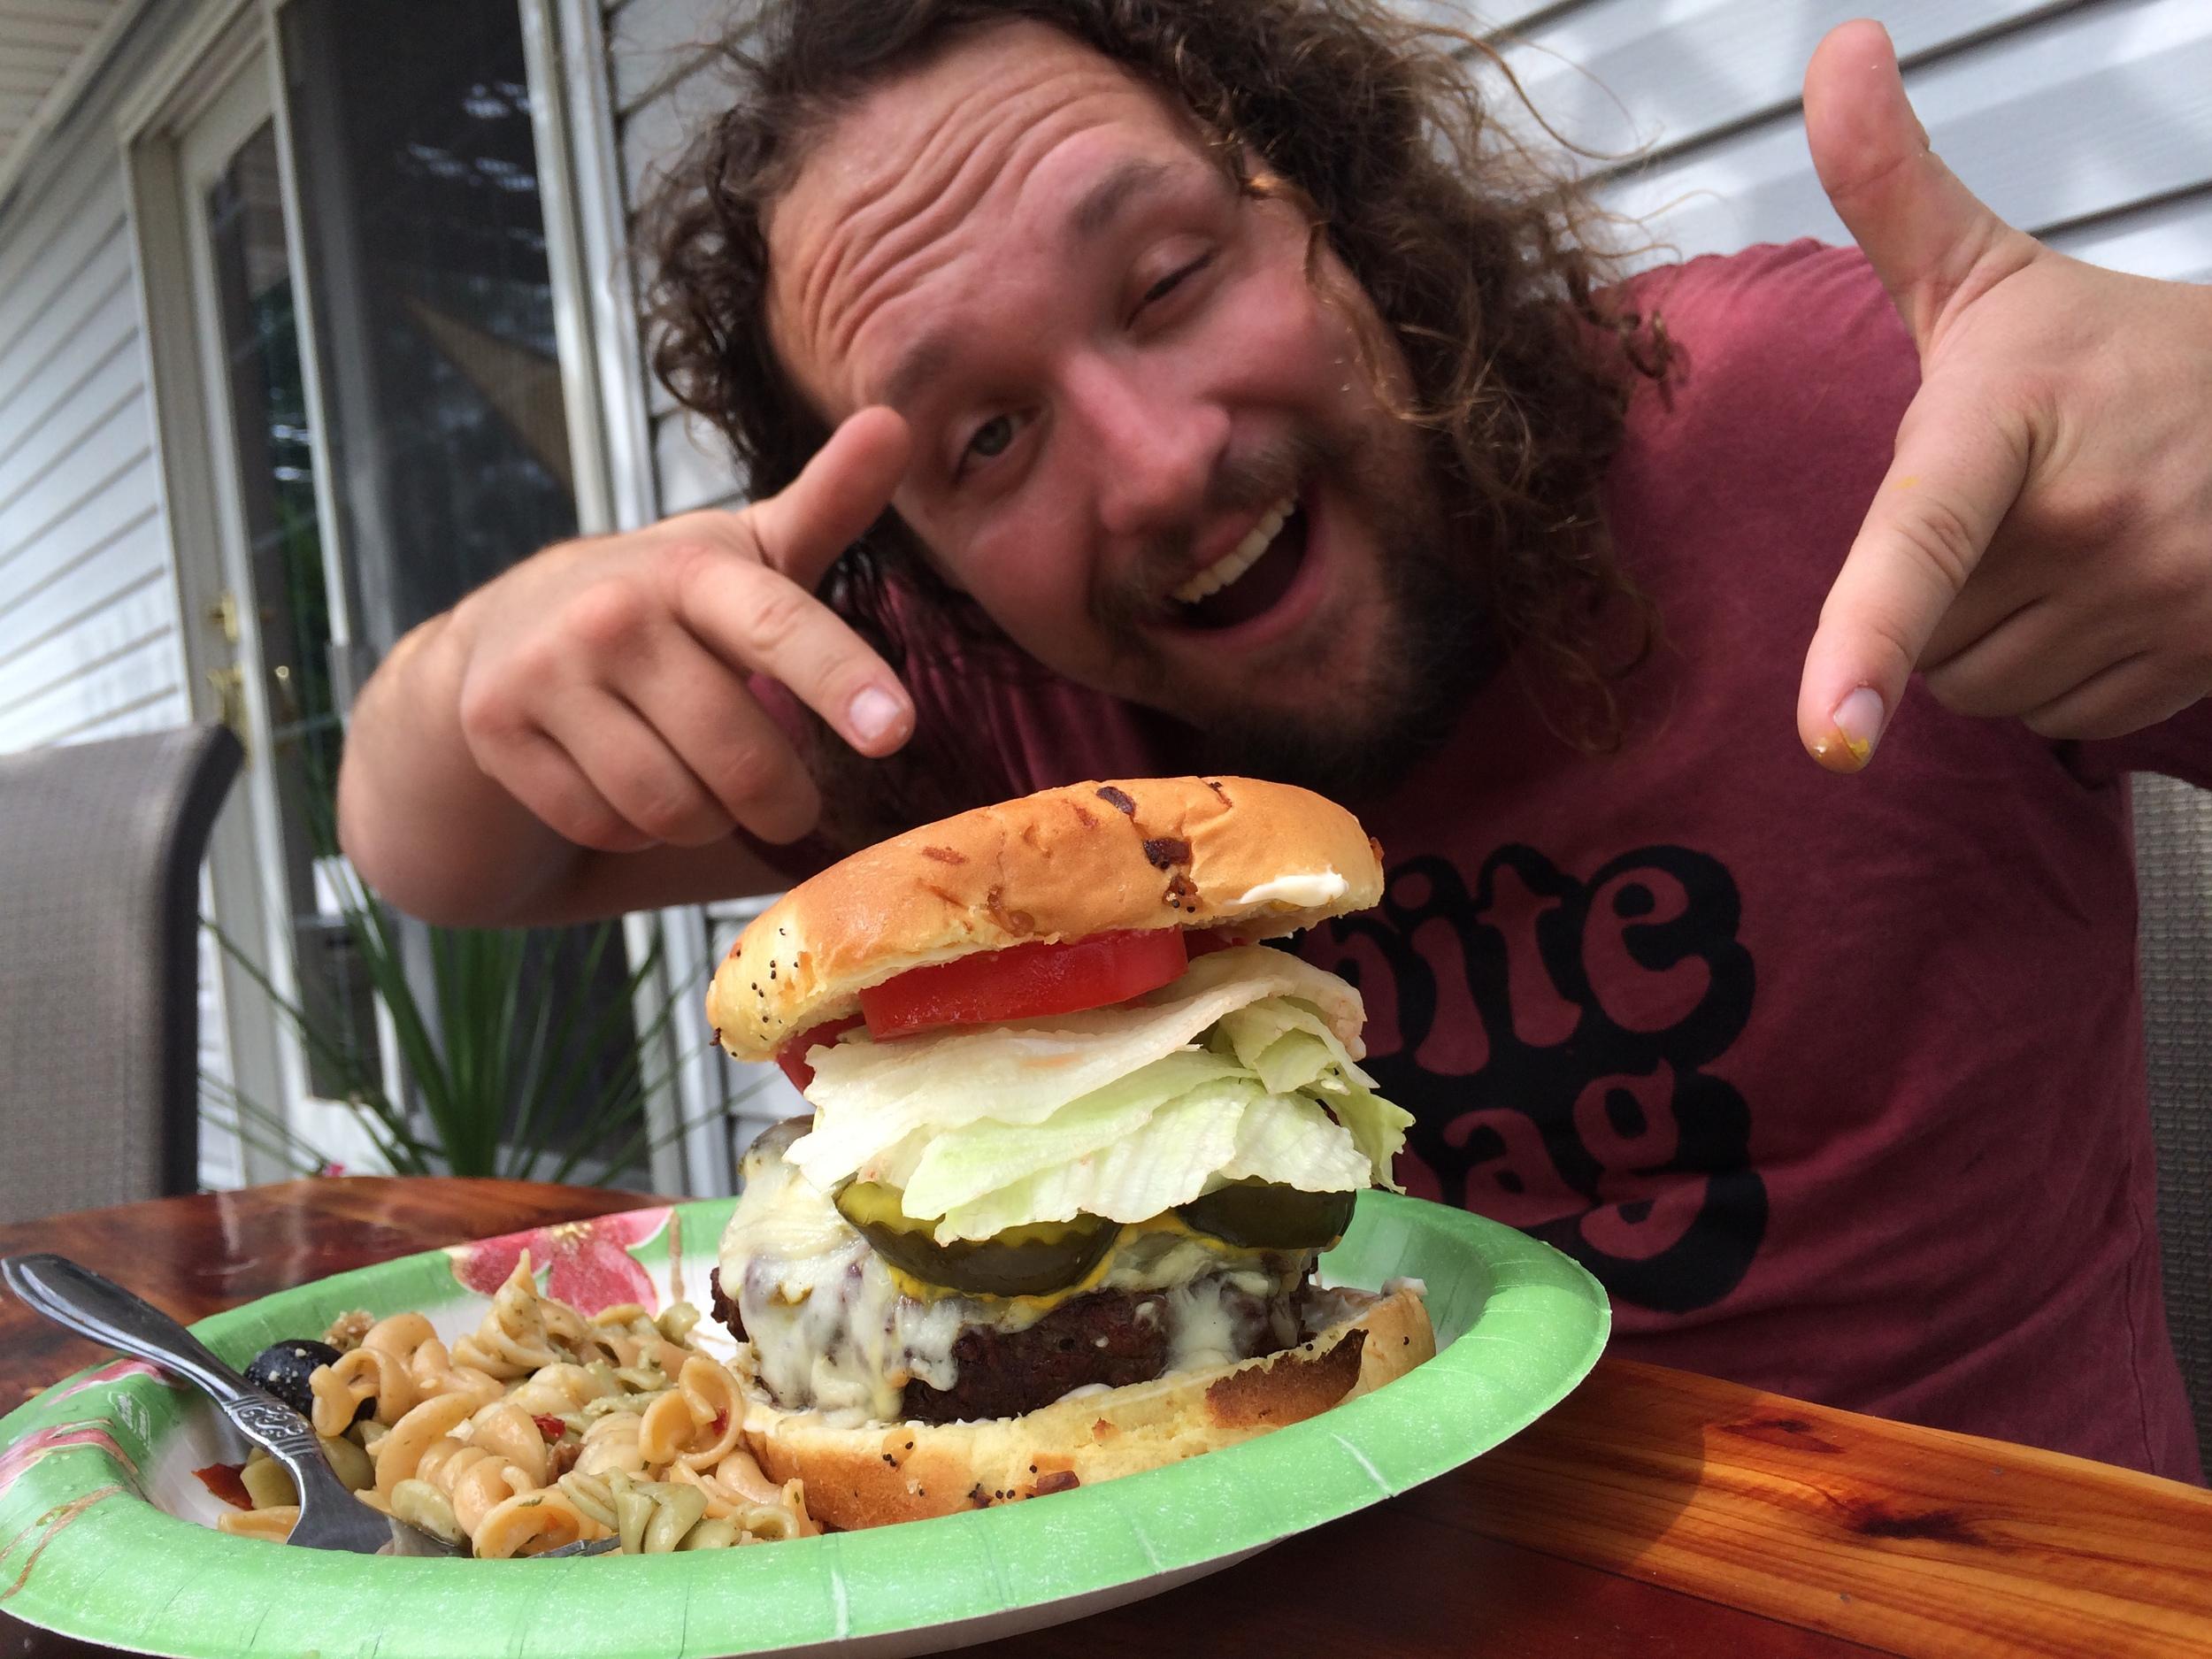 Big-Ass Burger